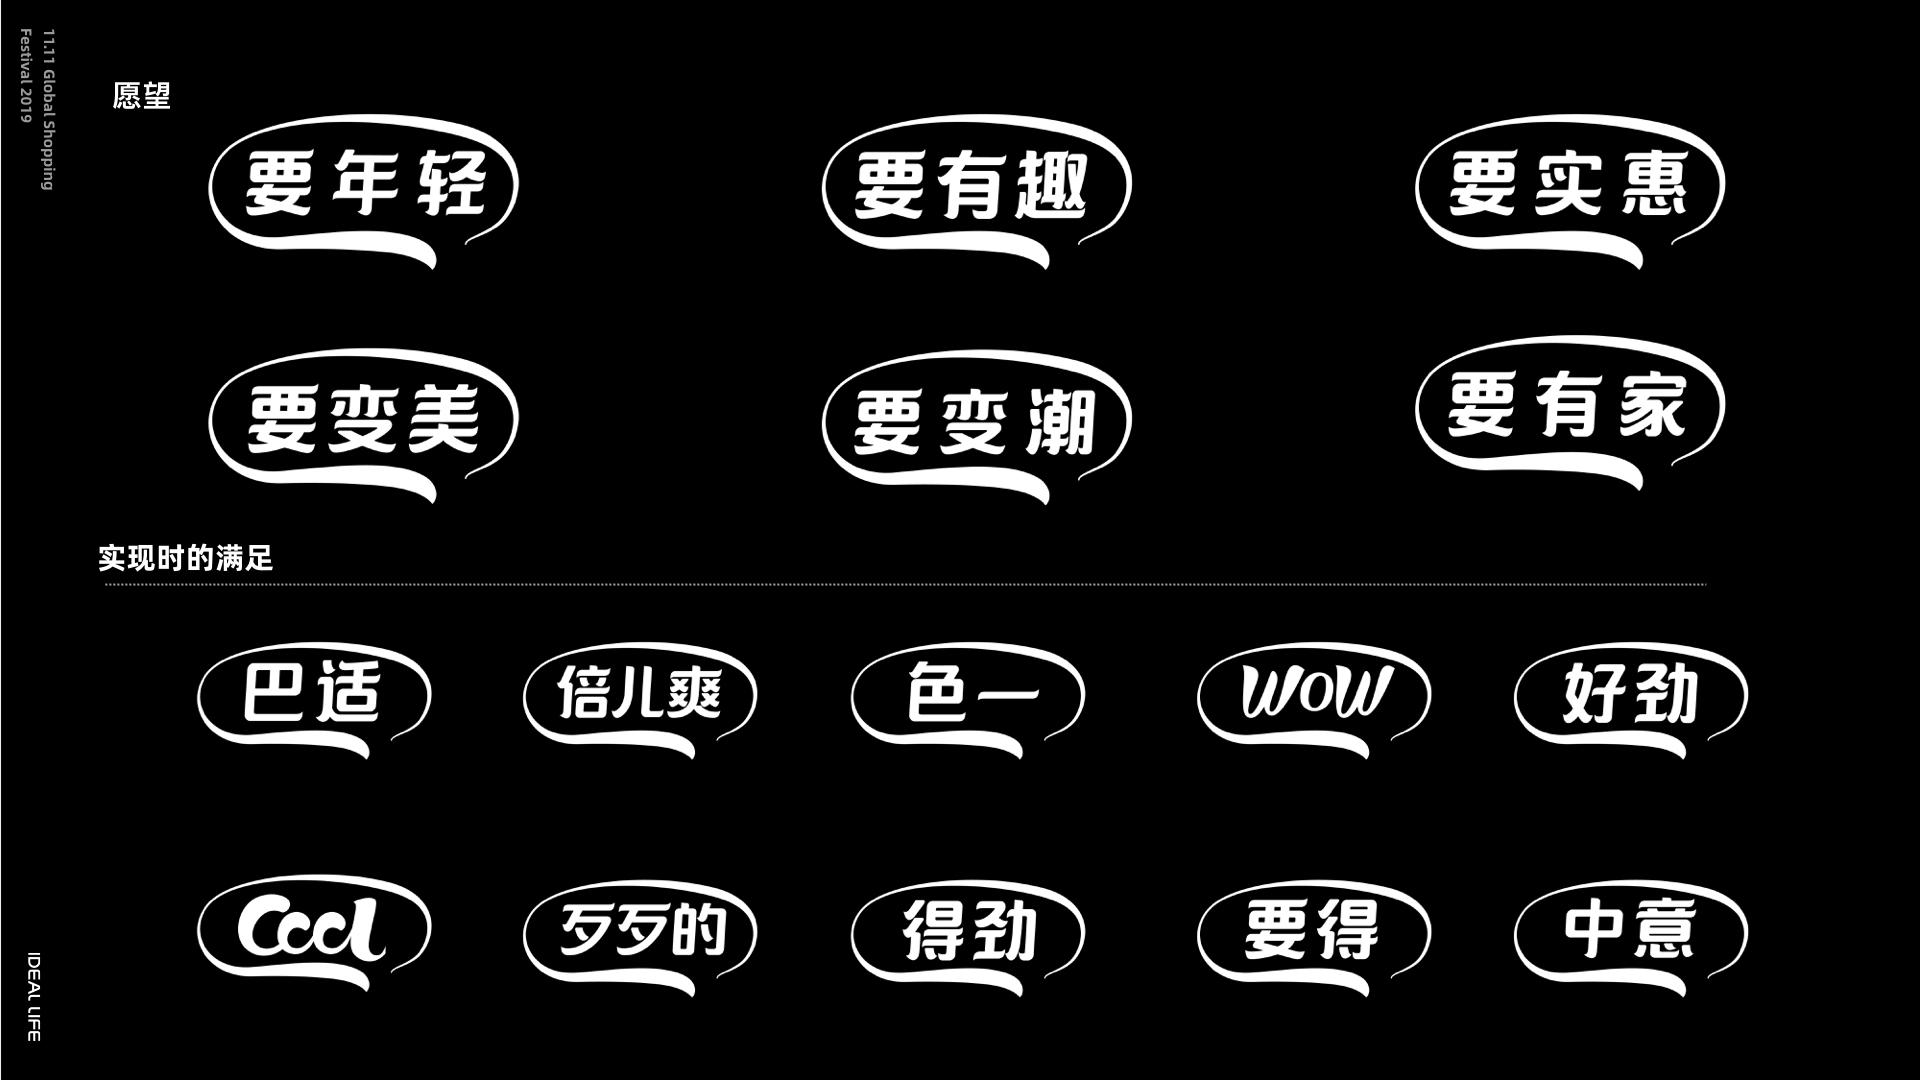 2019天猫双十一品牌设计背后的故事插图13